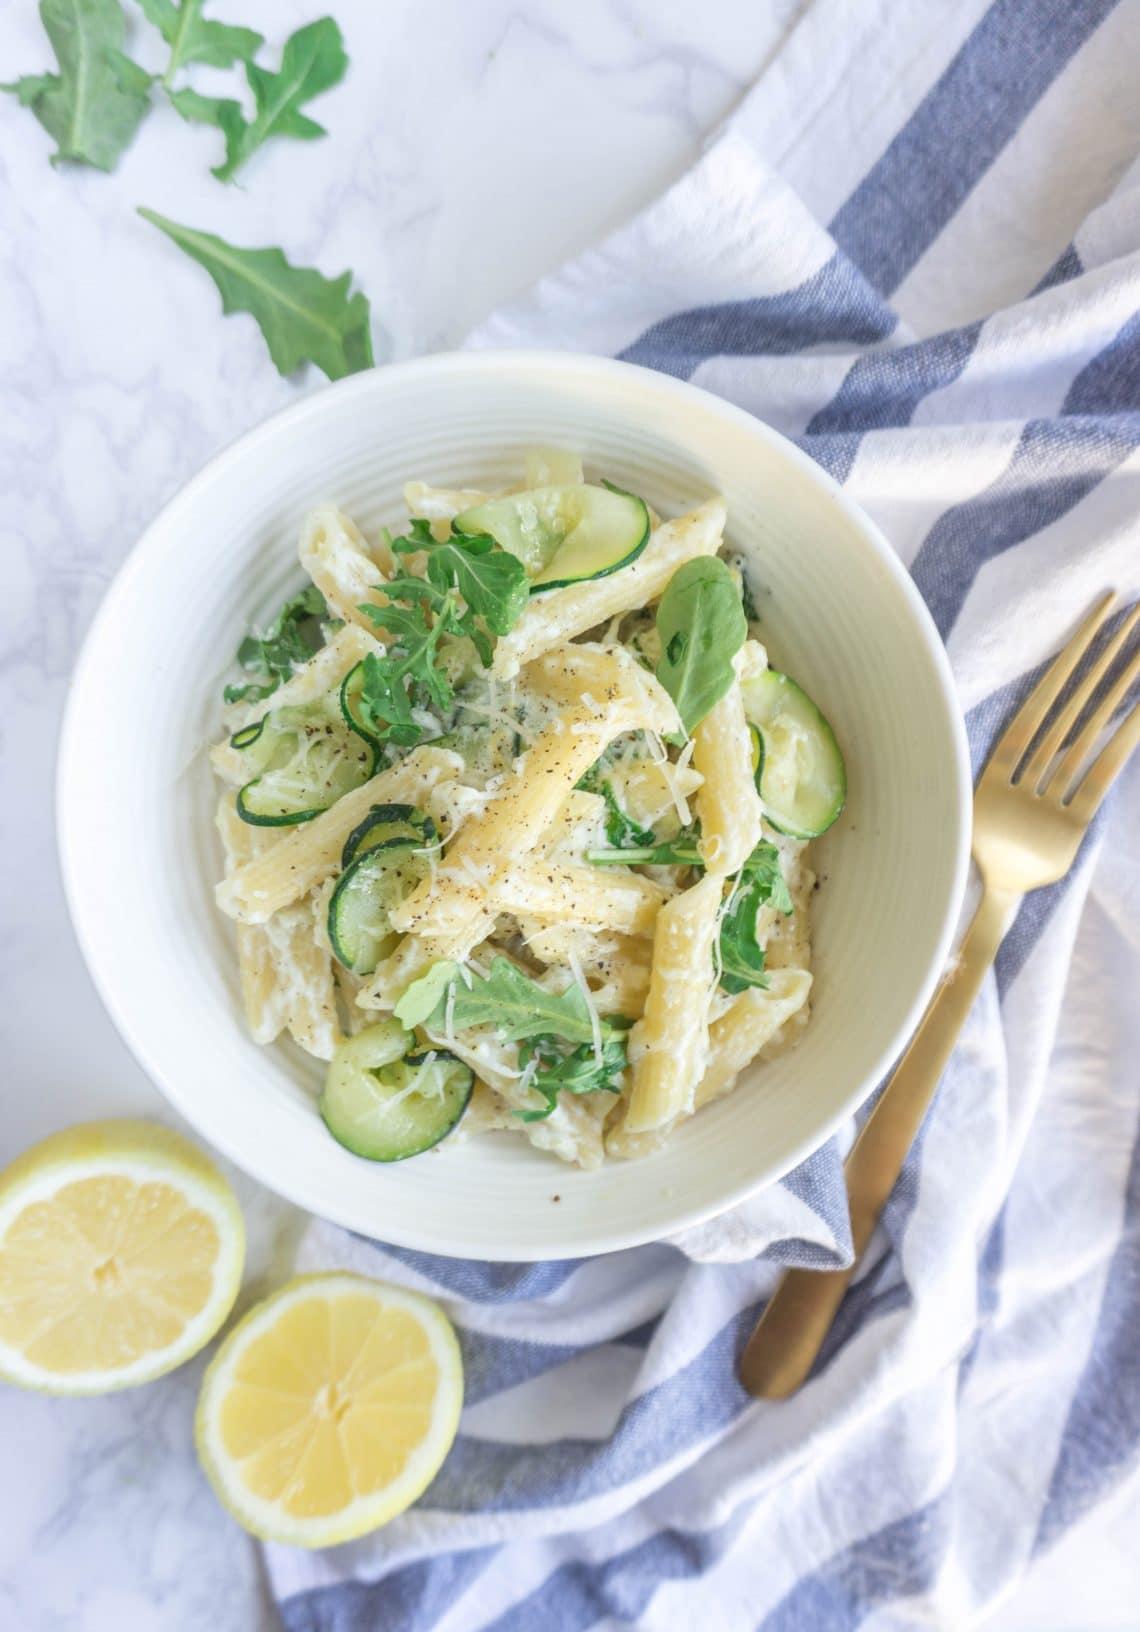 Penne pasta with lemony ricotta, zucchini and arugula